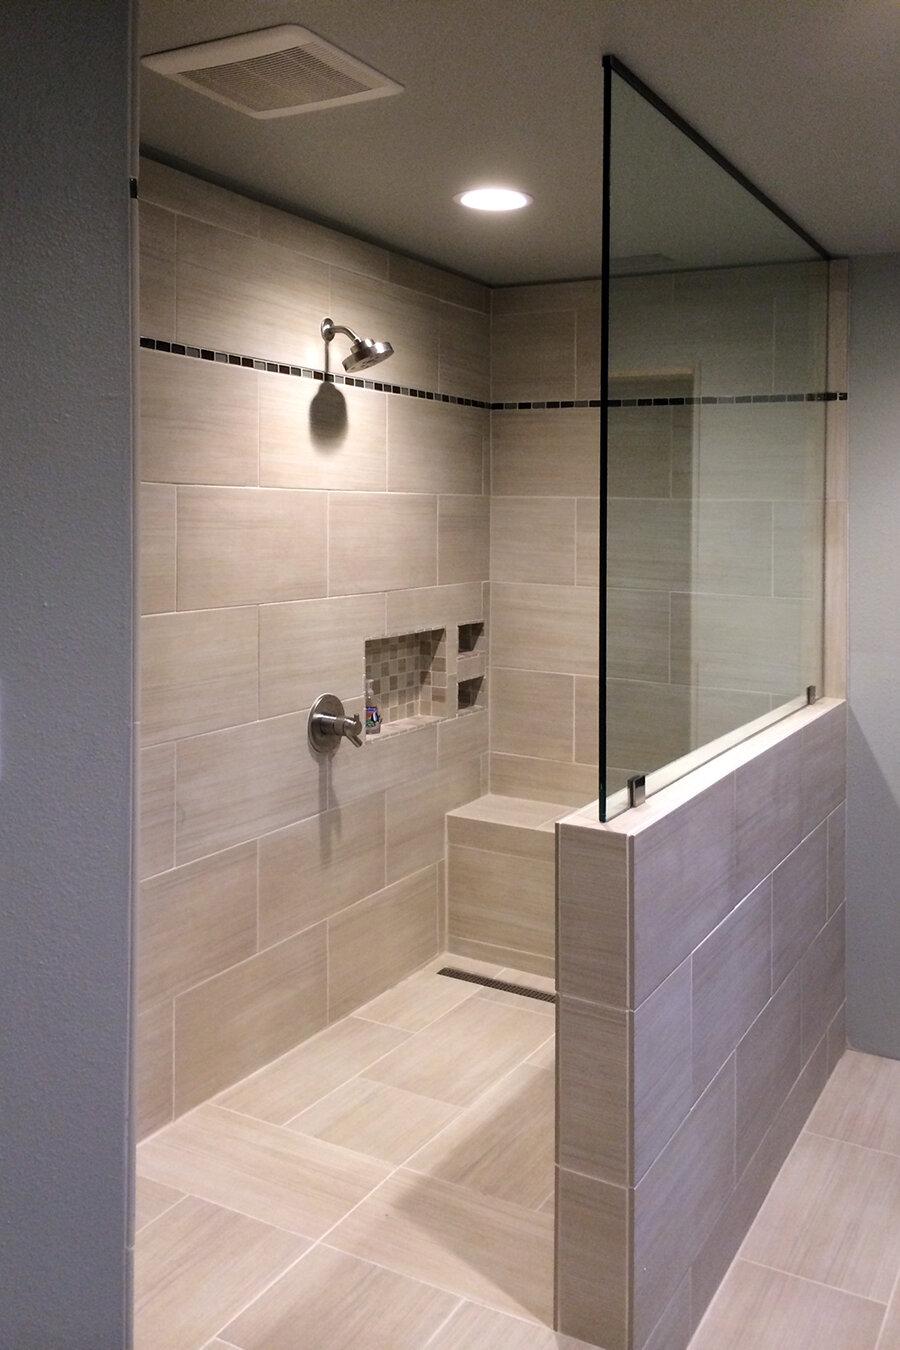 frameless-shower-glass-panel-screen-dallas-03.jpg